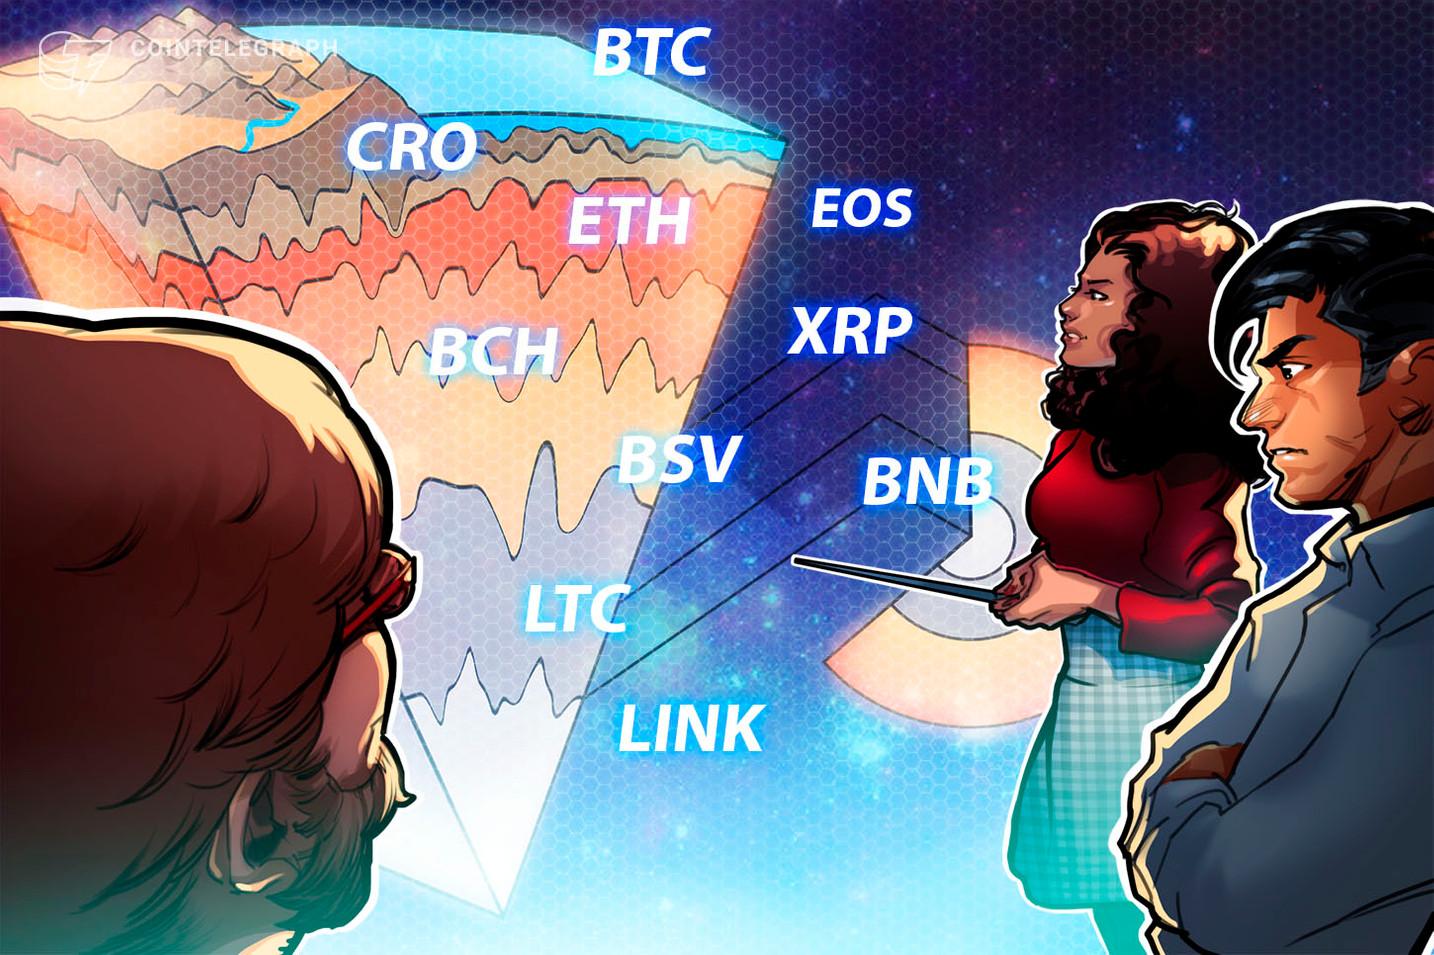 保ち合いの末に仮想通貨は上昇となるか ビットコイン・イーサ・XRP(リップル)・ビットコインキャッシュ・ライトコインのテクニカル分析